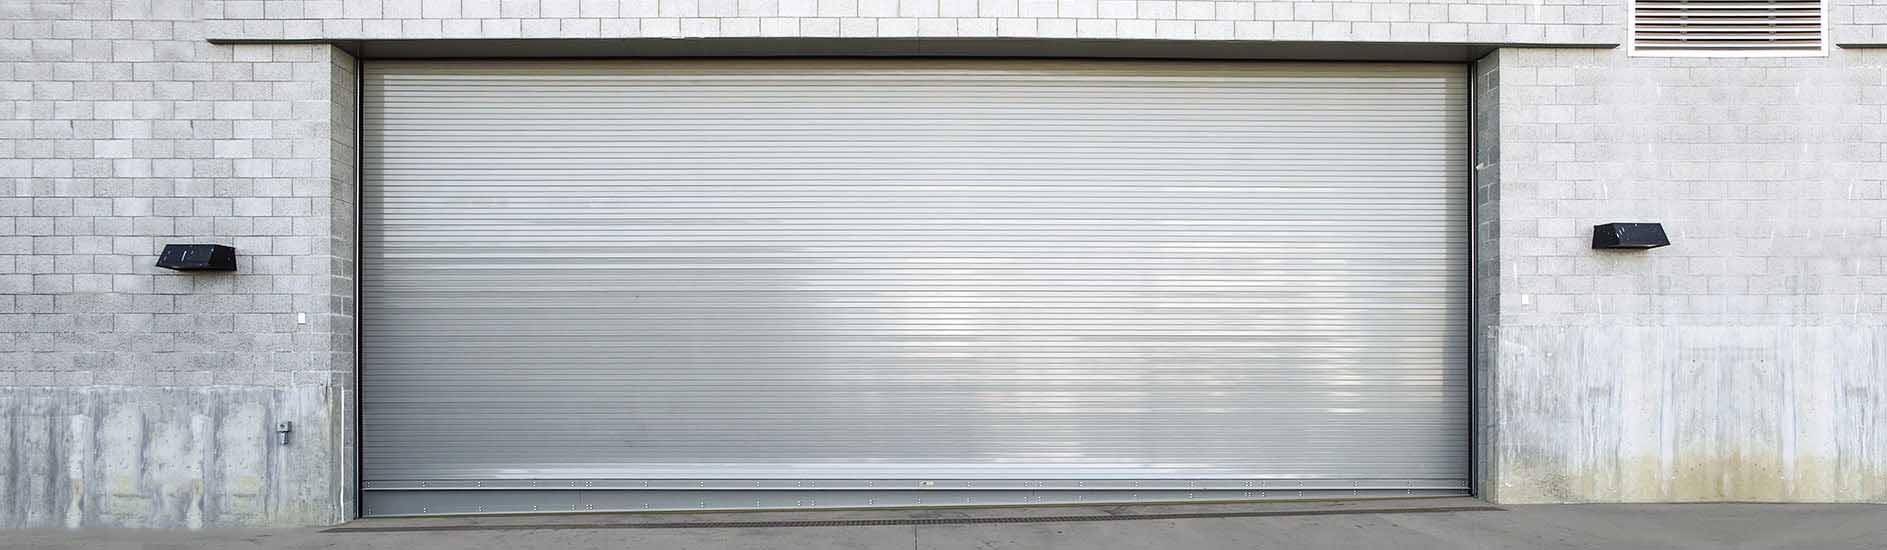 Steel Rolling Door - Wayne Dalton